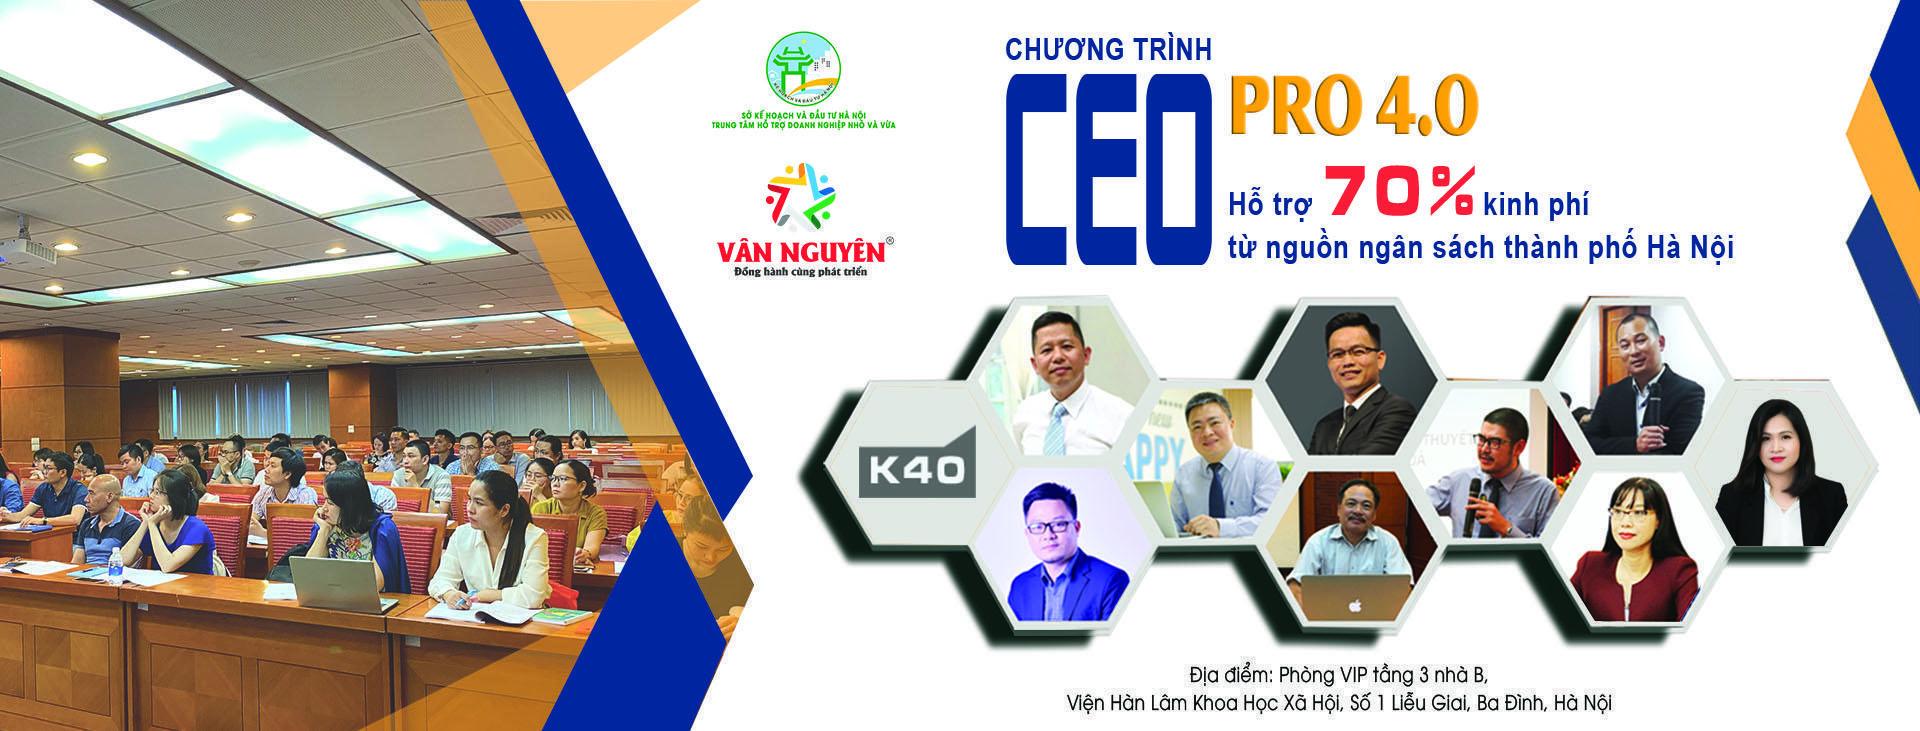 CEO PRO (K40) – Chiến lược tái cơ cấu của doanh nghiệp sau khủng hoảng